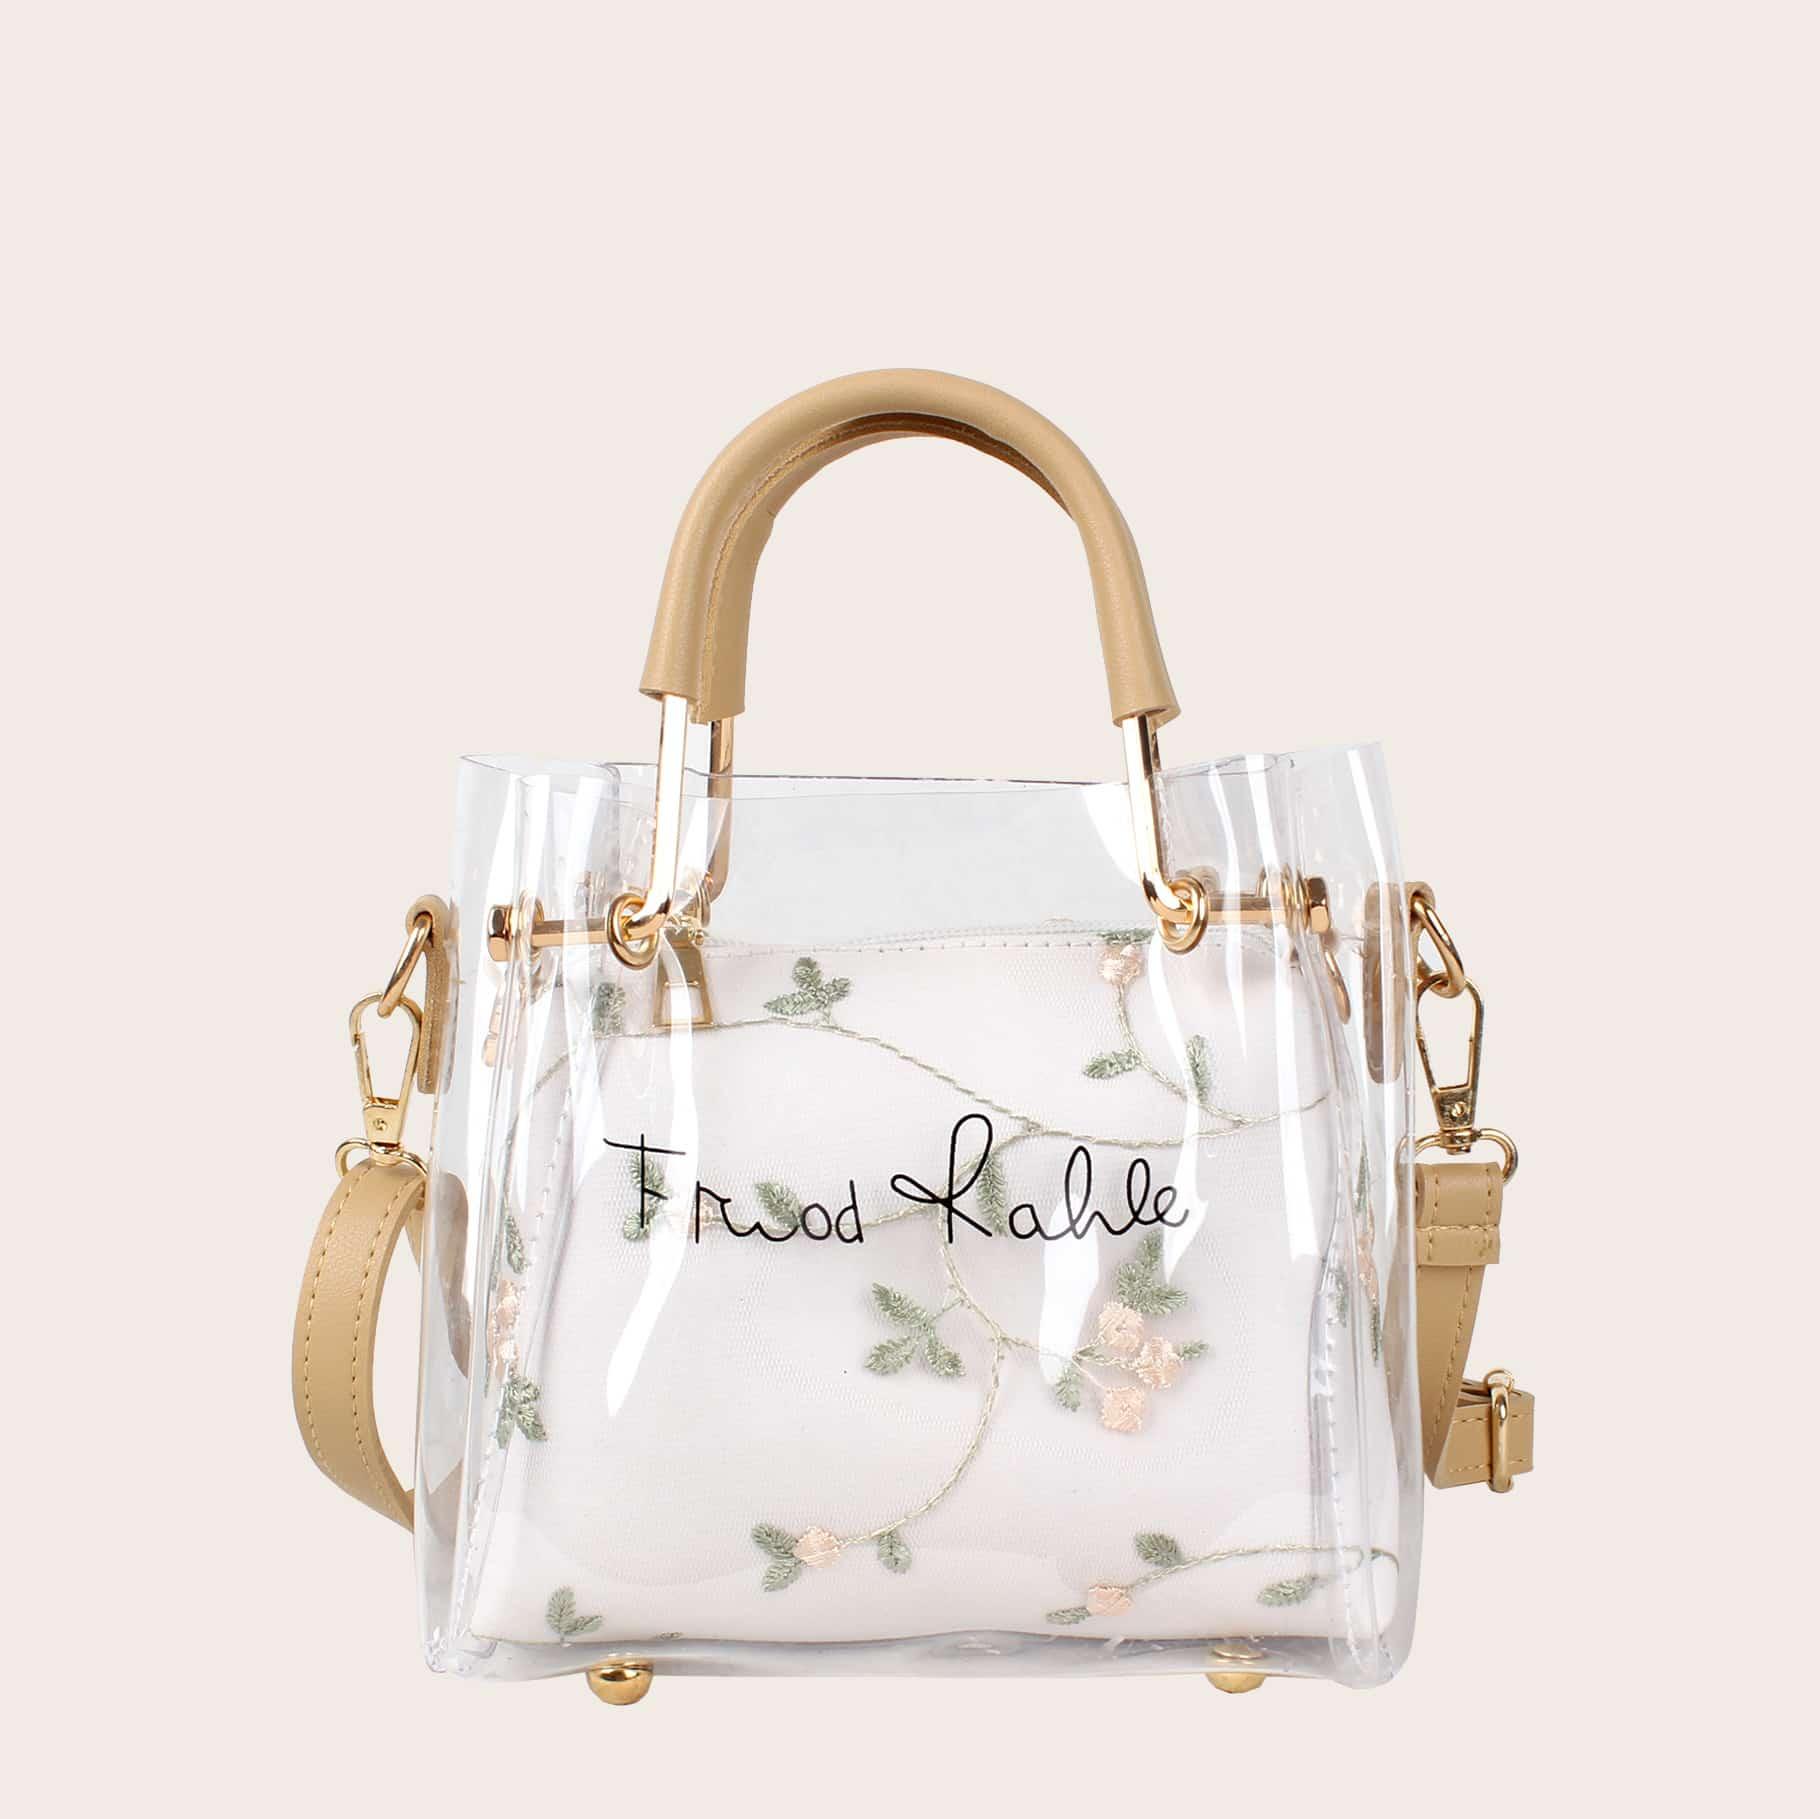 Прозрачная сумка с текстовым принтом и цветочным внутренним чехлом